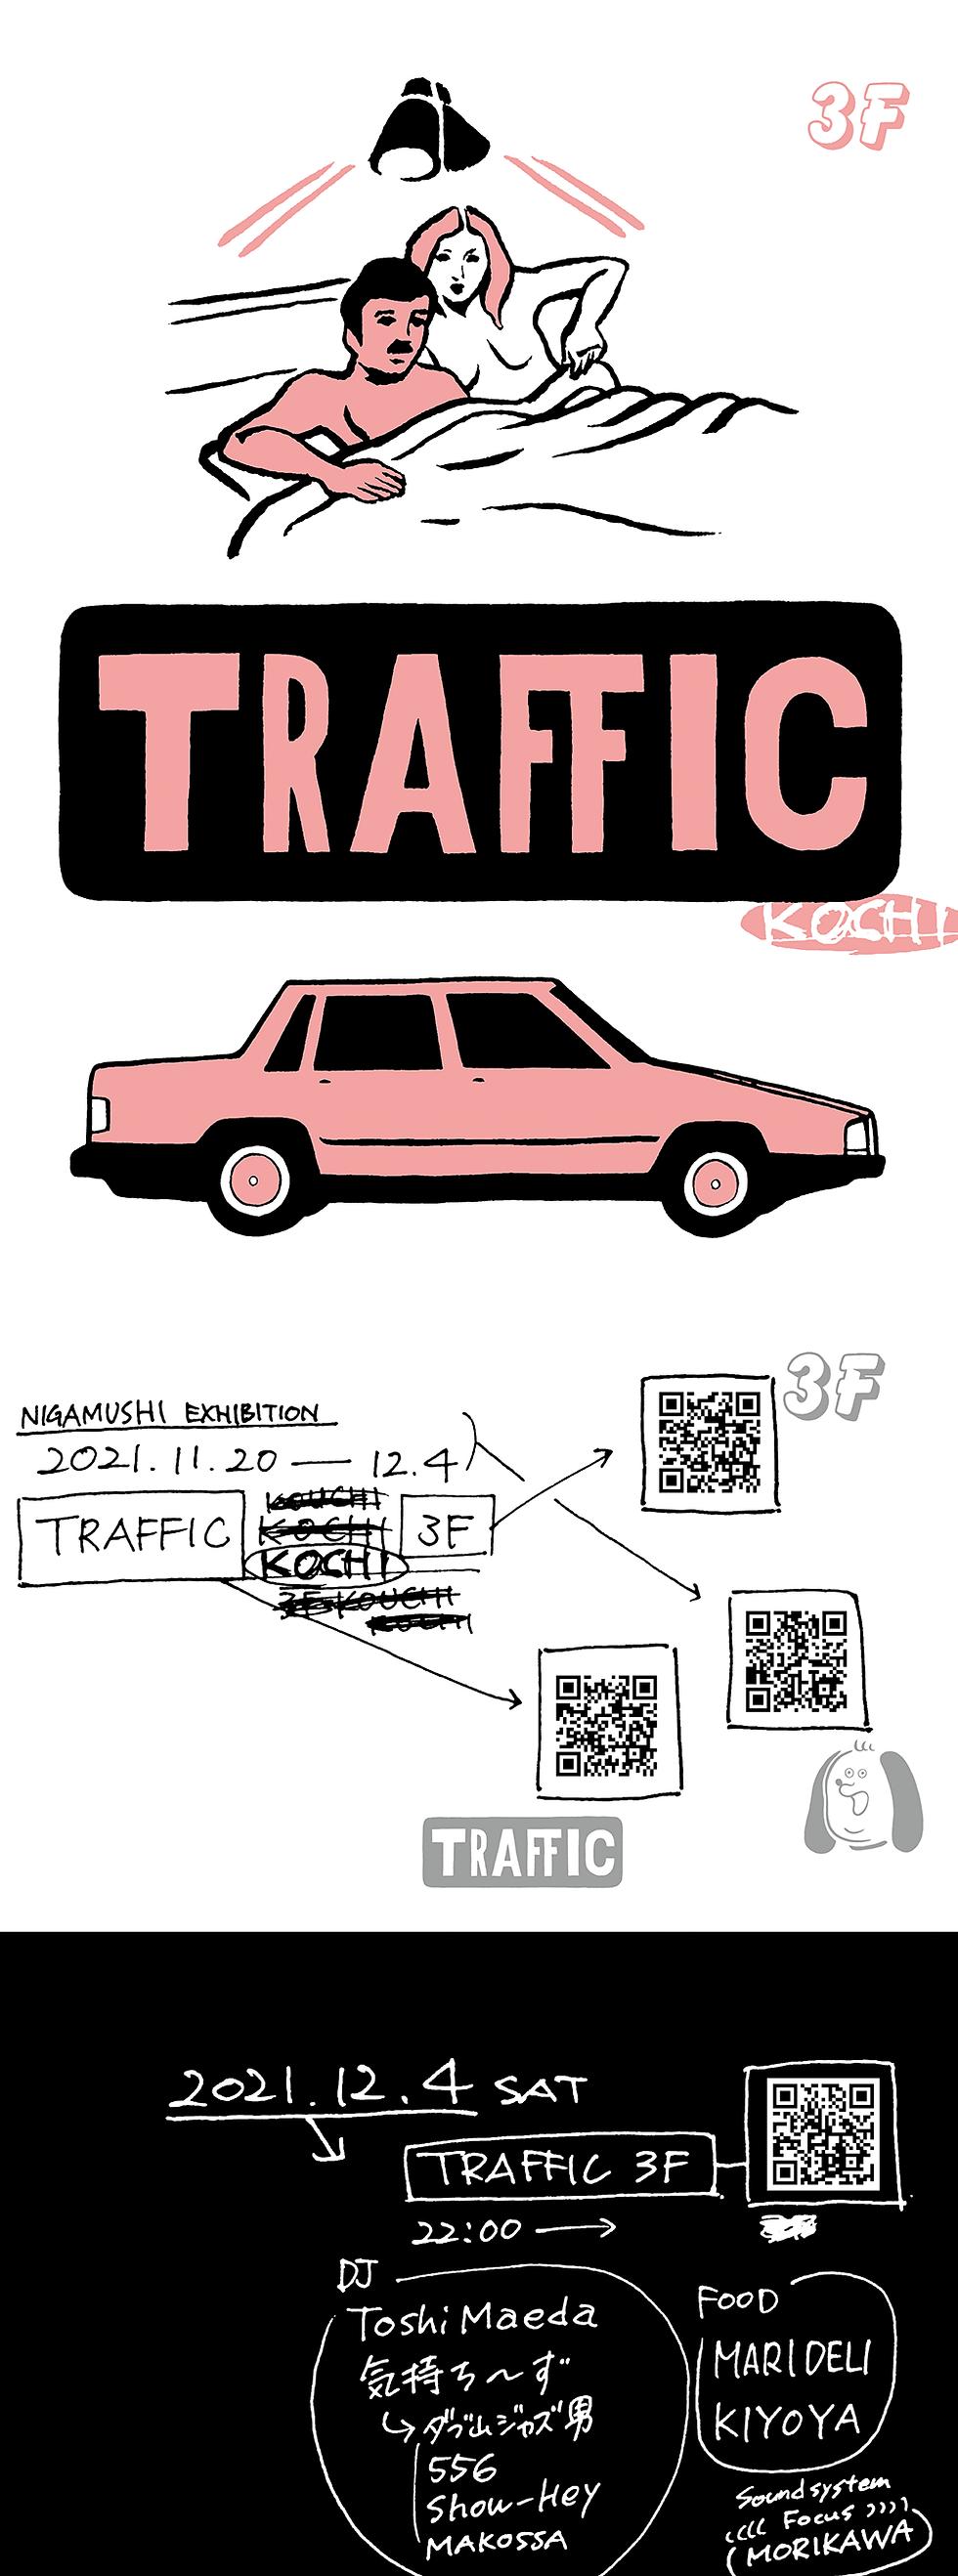 traffic_3f.png